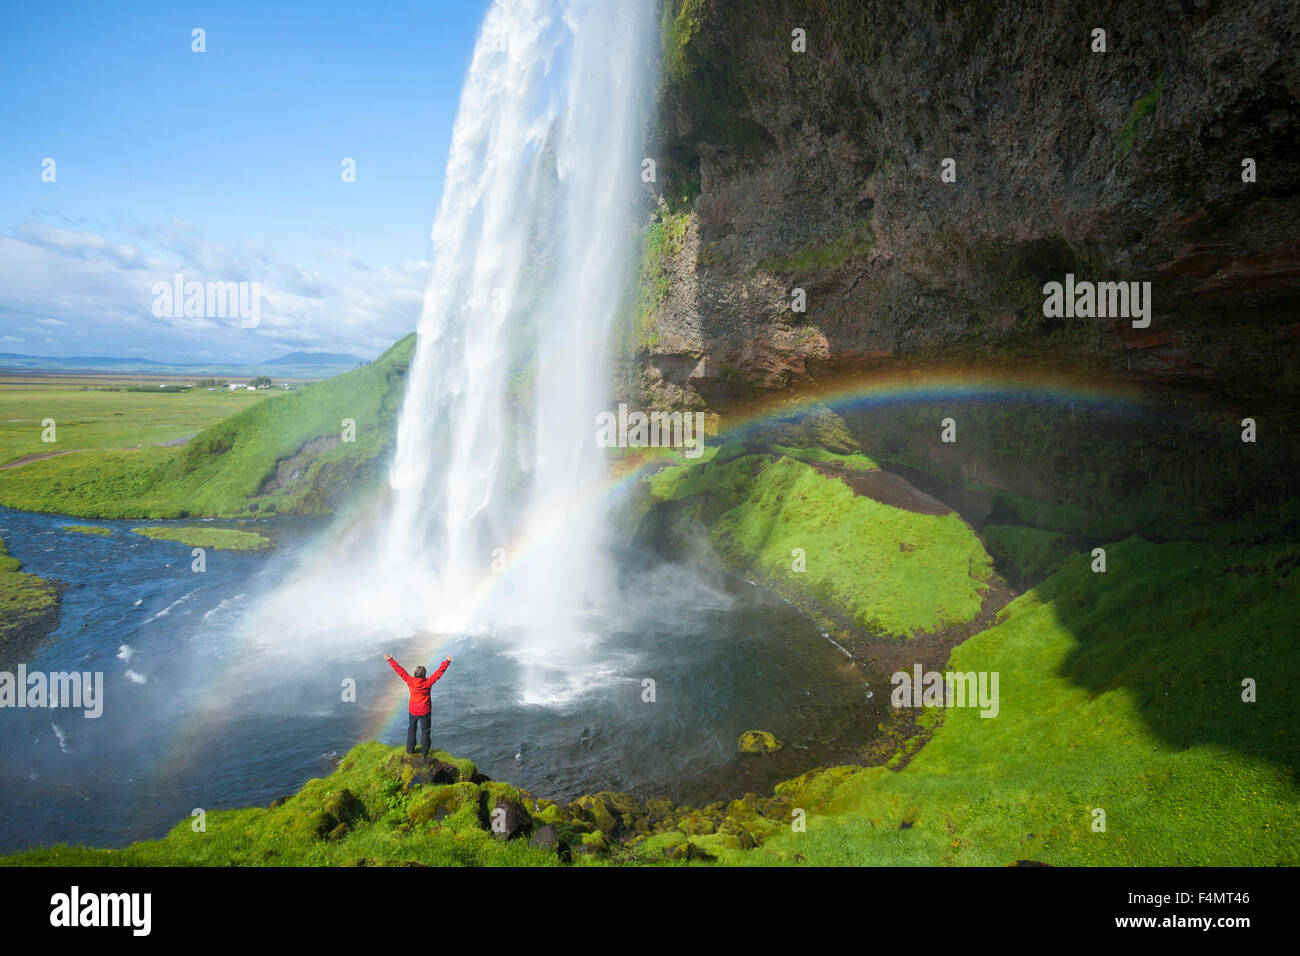 Persona y rainbow debajo de 60m de alto, la cascada Seljalandsfoss Sudhurland, Islandia. Imagen De Stock